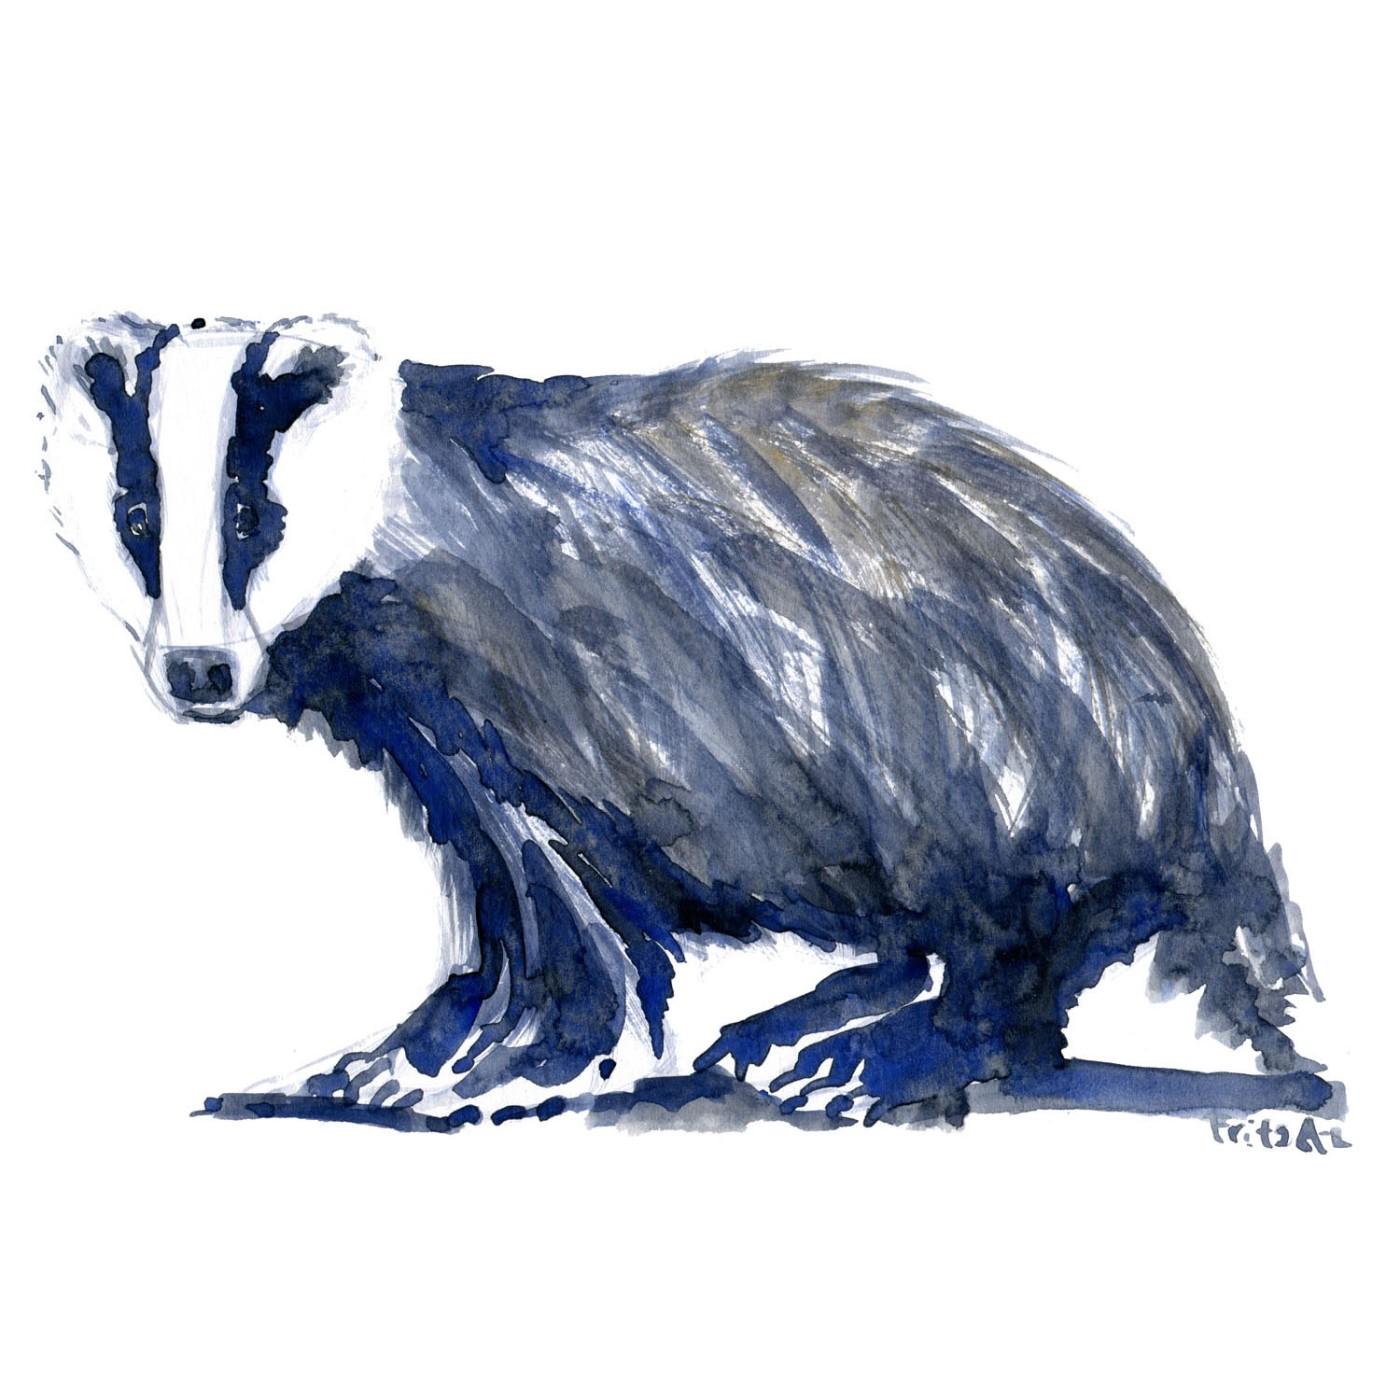 Grævling Pattedyr illutration biodiversitet i Danmark. Akvarel af Frits Ahlefeldt